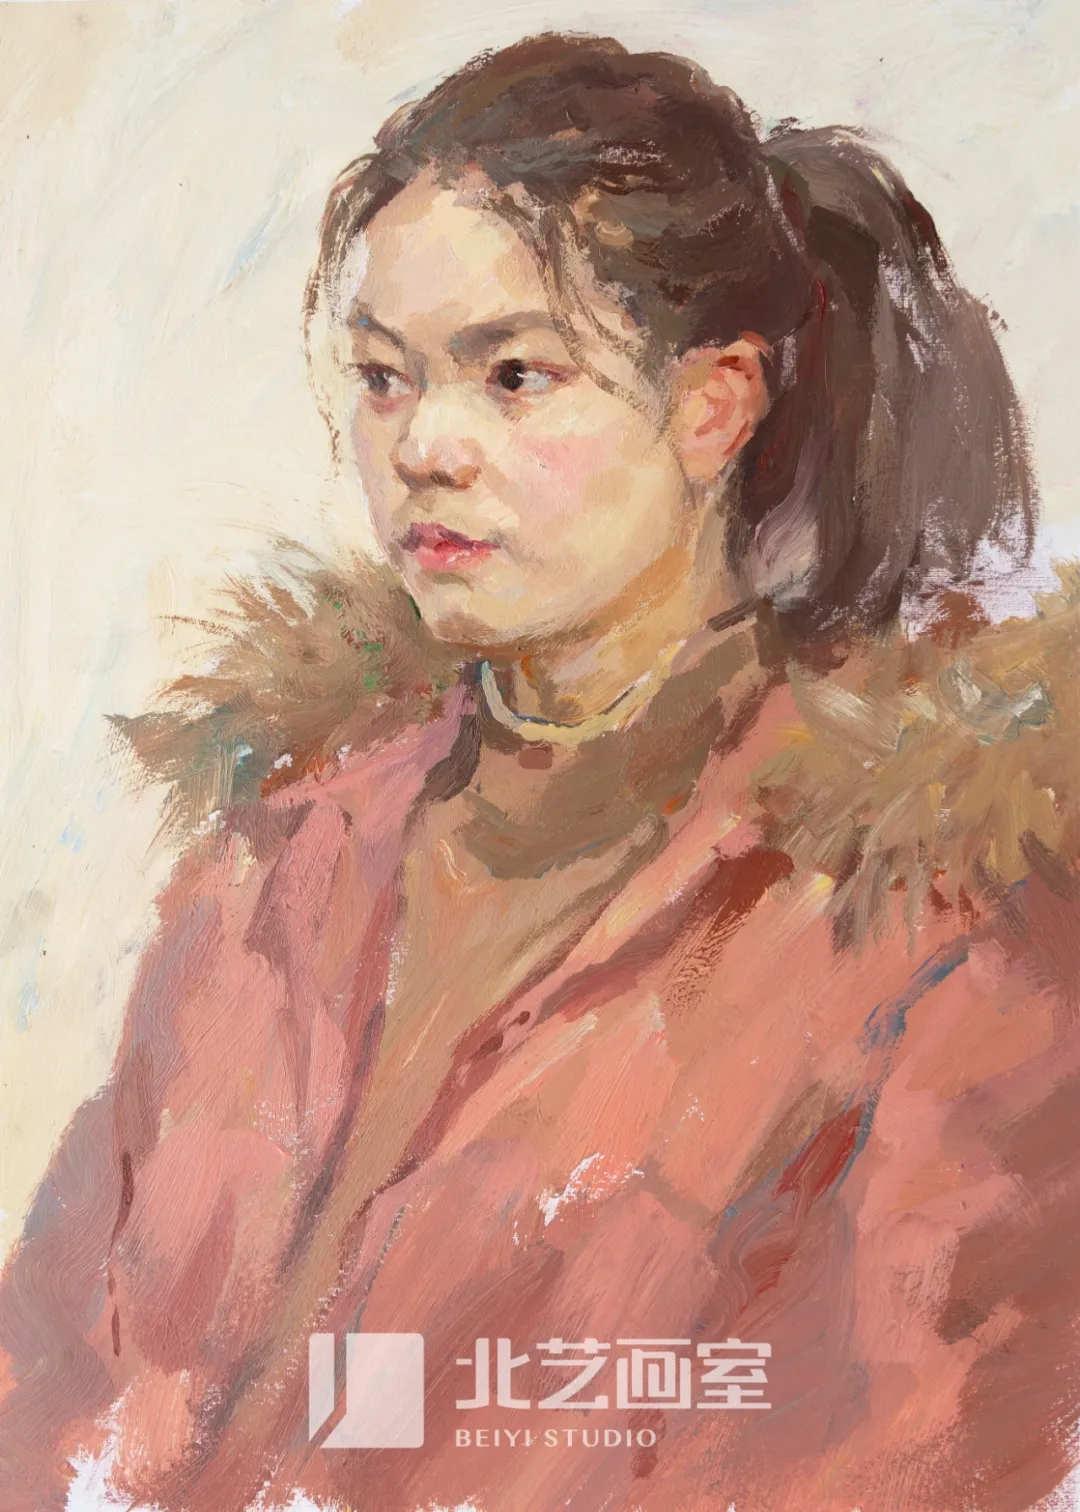 扎马尾红色羽绒服四分之三侧面女青年色彩头像